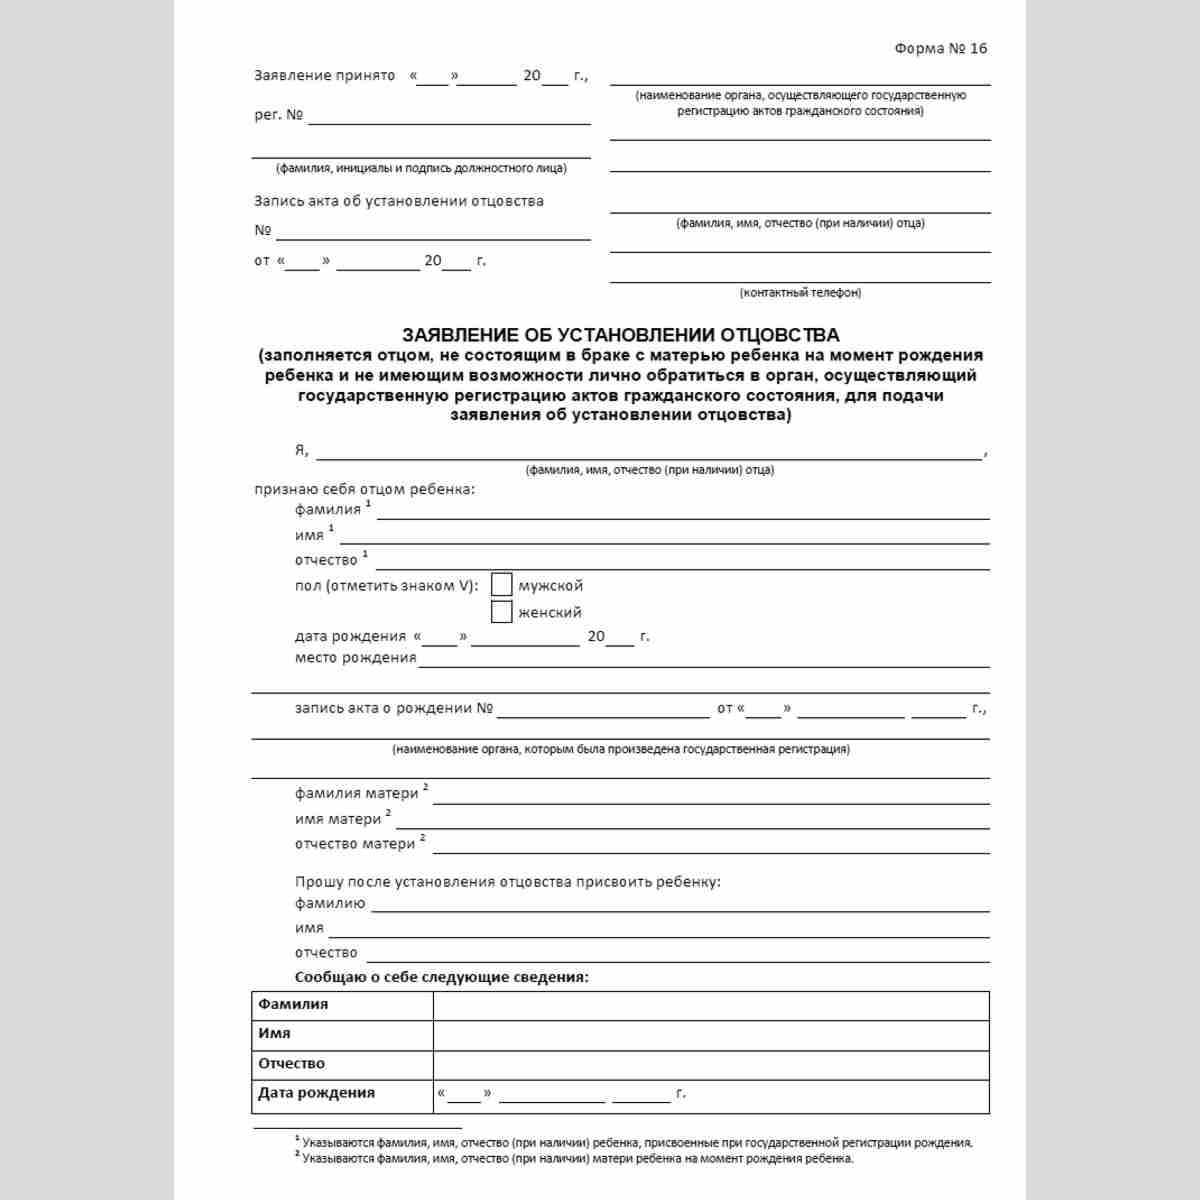 """Форма №16 """"Заявление об установлении отцовства"""" (от отца, не состоящего в браке с матерью ребенка на момент рождения ребенка и не имеющего возможности лично обратиться в орган, осуществляющий государственную регистрацию актов гражданского состояния, для п"""